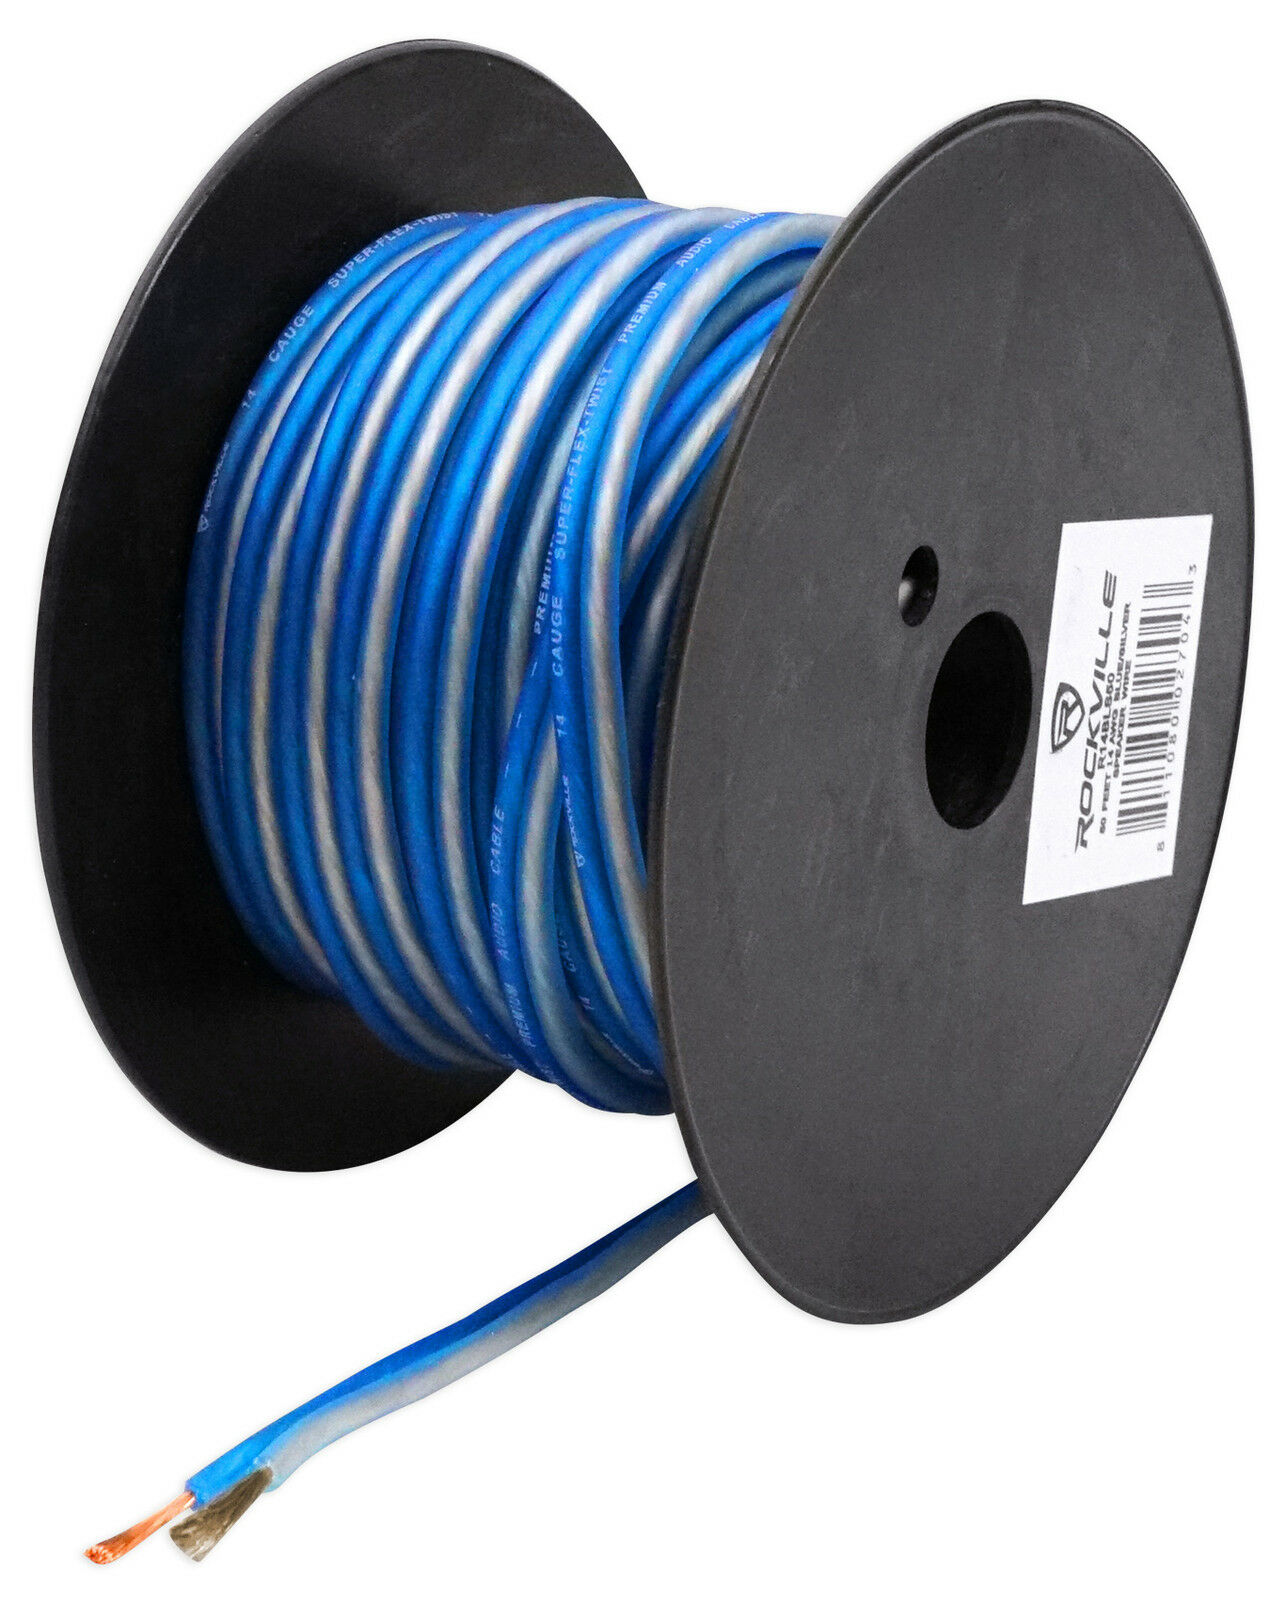 Rockville R14GBLS50 14 Gauge 50\' Spool Car Audio Speaker Wire   eBay